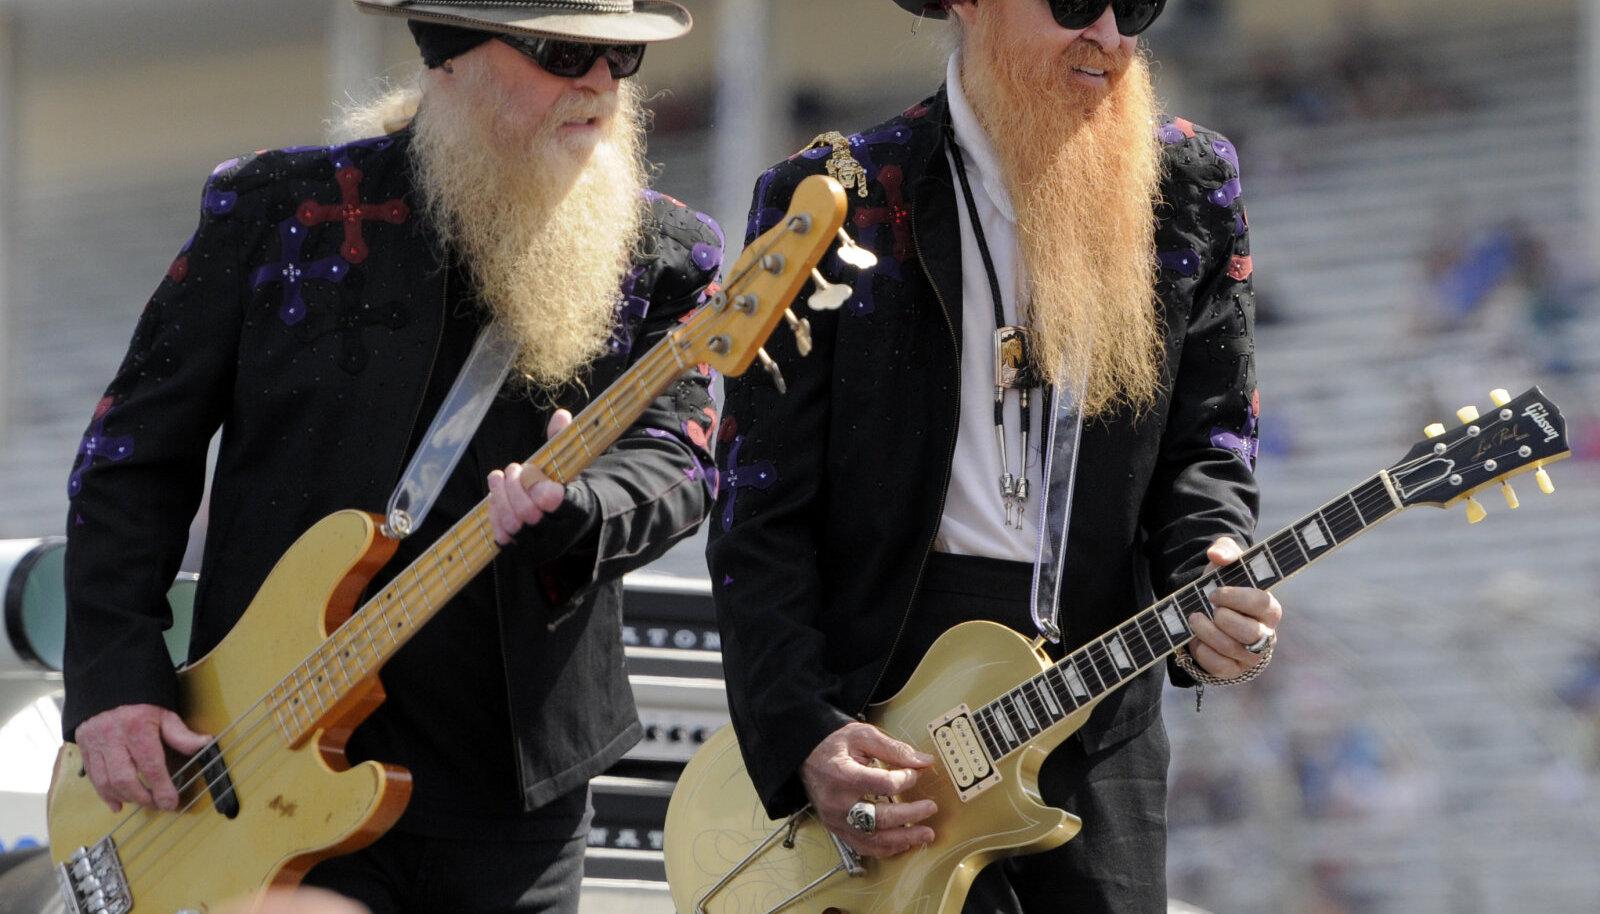 Peast soojad? Kanada teadlane väidab, et habe võib põhjustada aju ülekuumenemise. Kui see tõesti nii on, kuuluvad Dusty Hill ja Billy Gibbons ZZ Topist ilmselt riskigruppi.